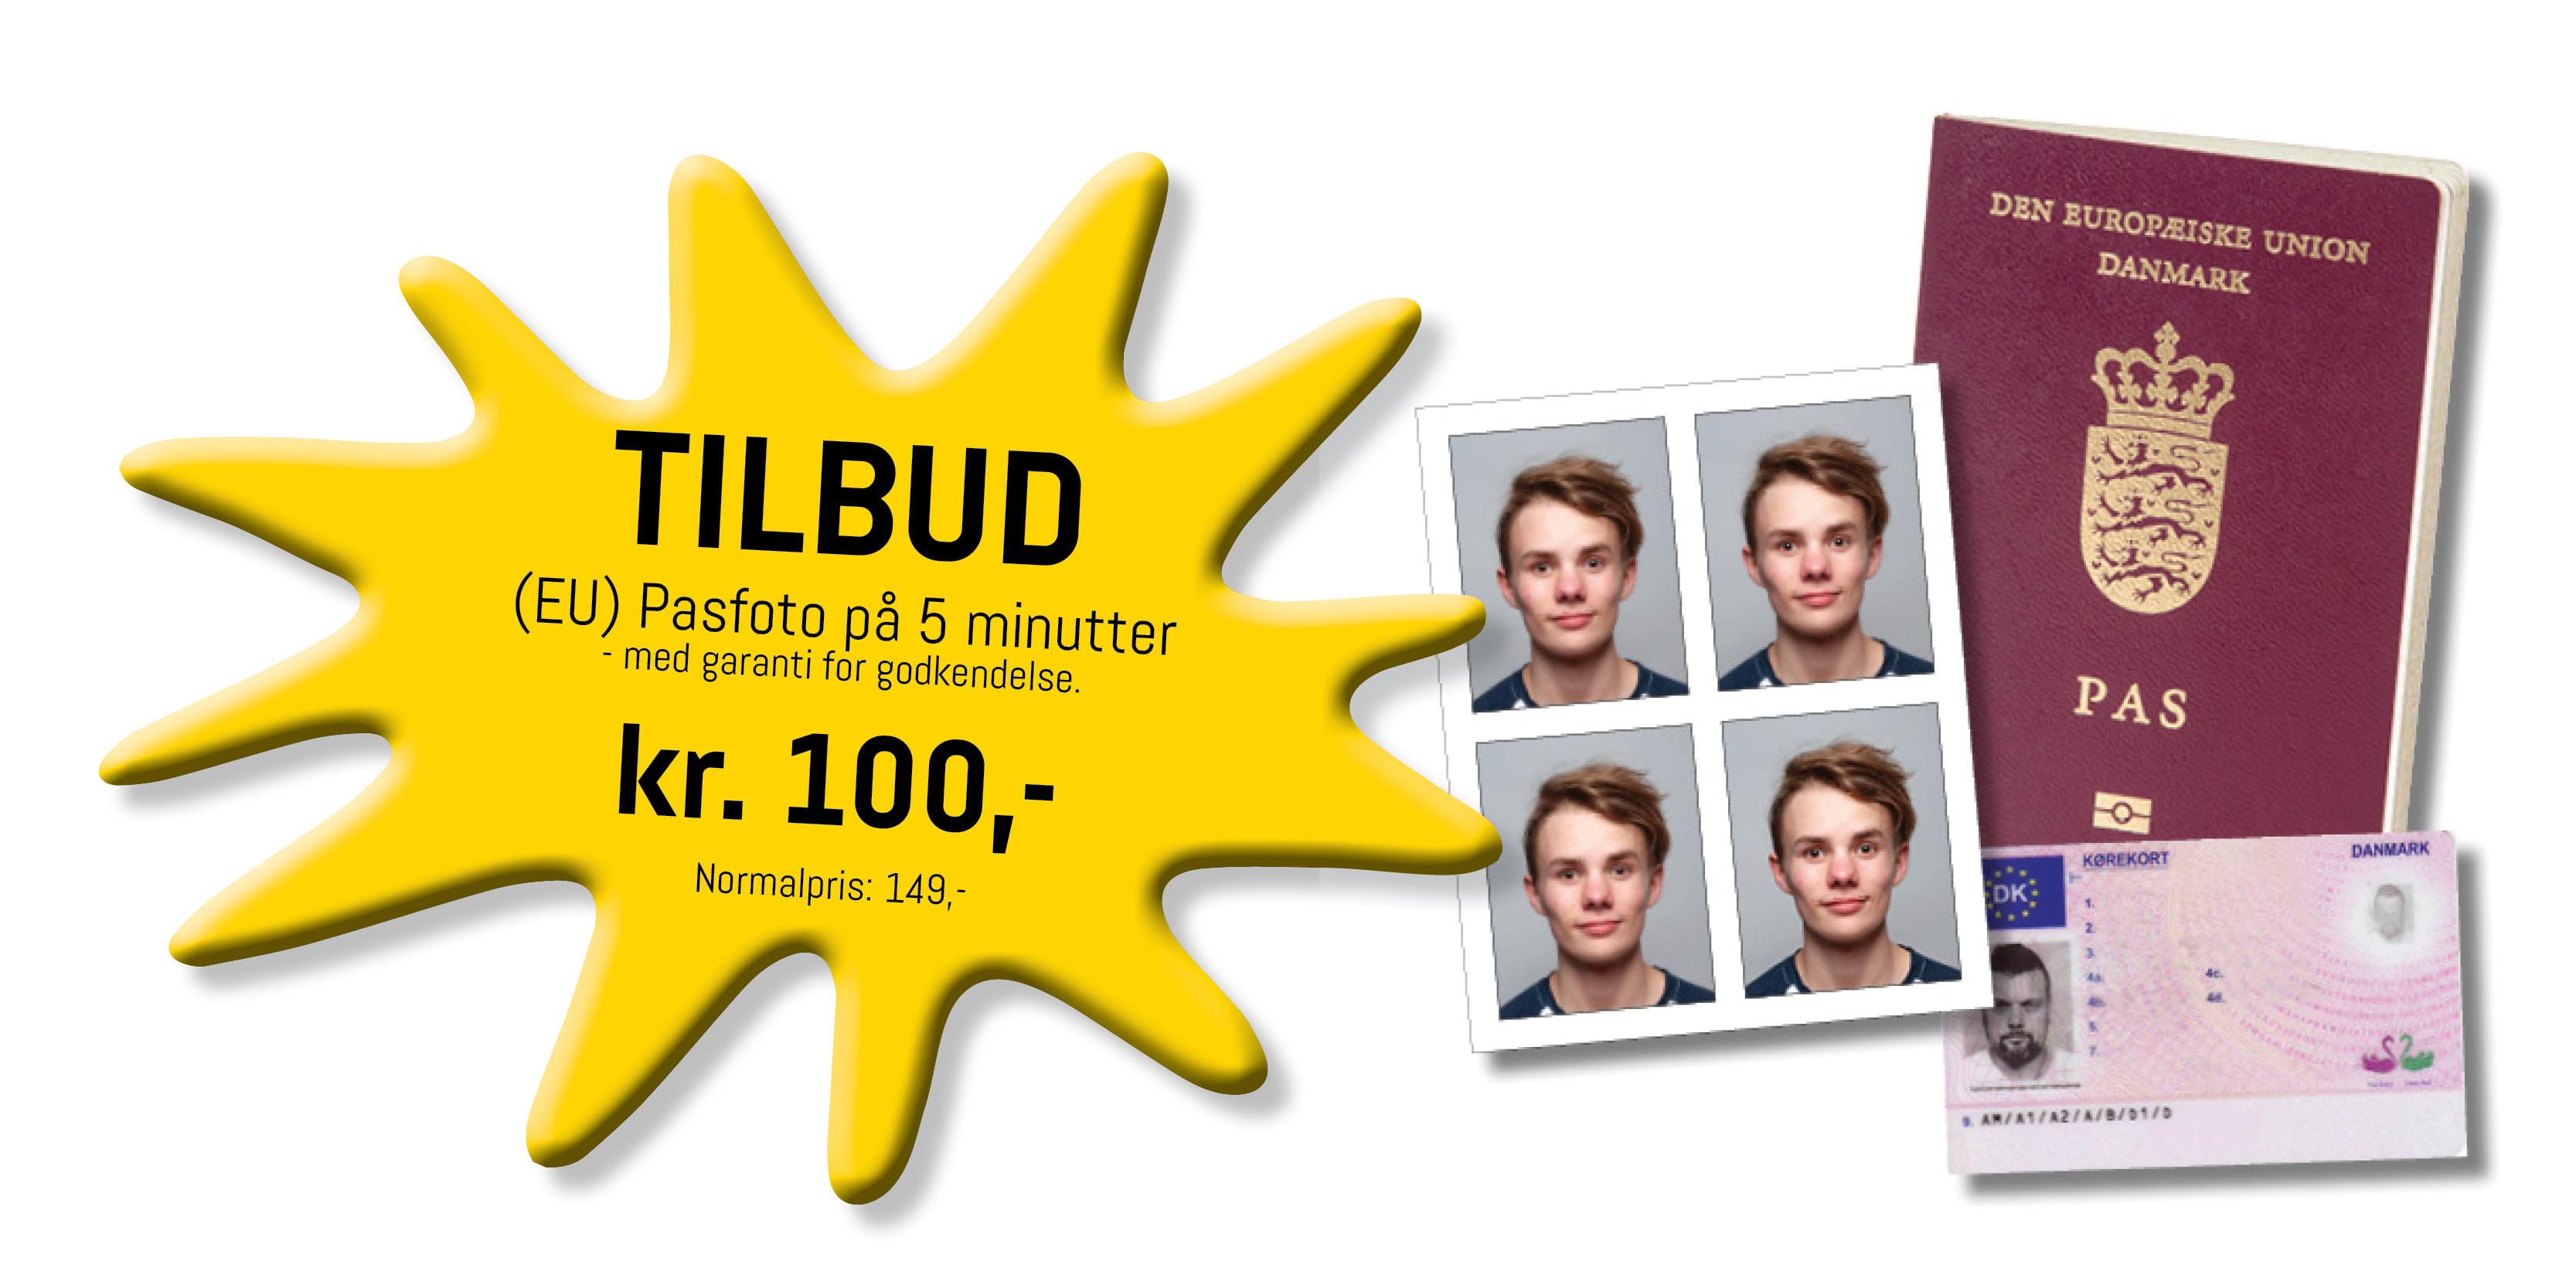 EU Pasfoto